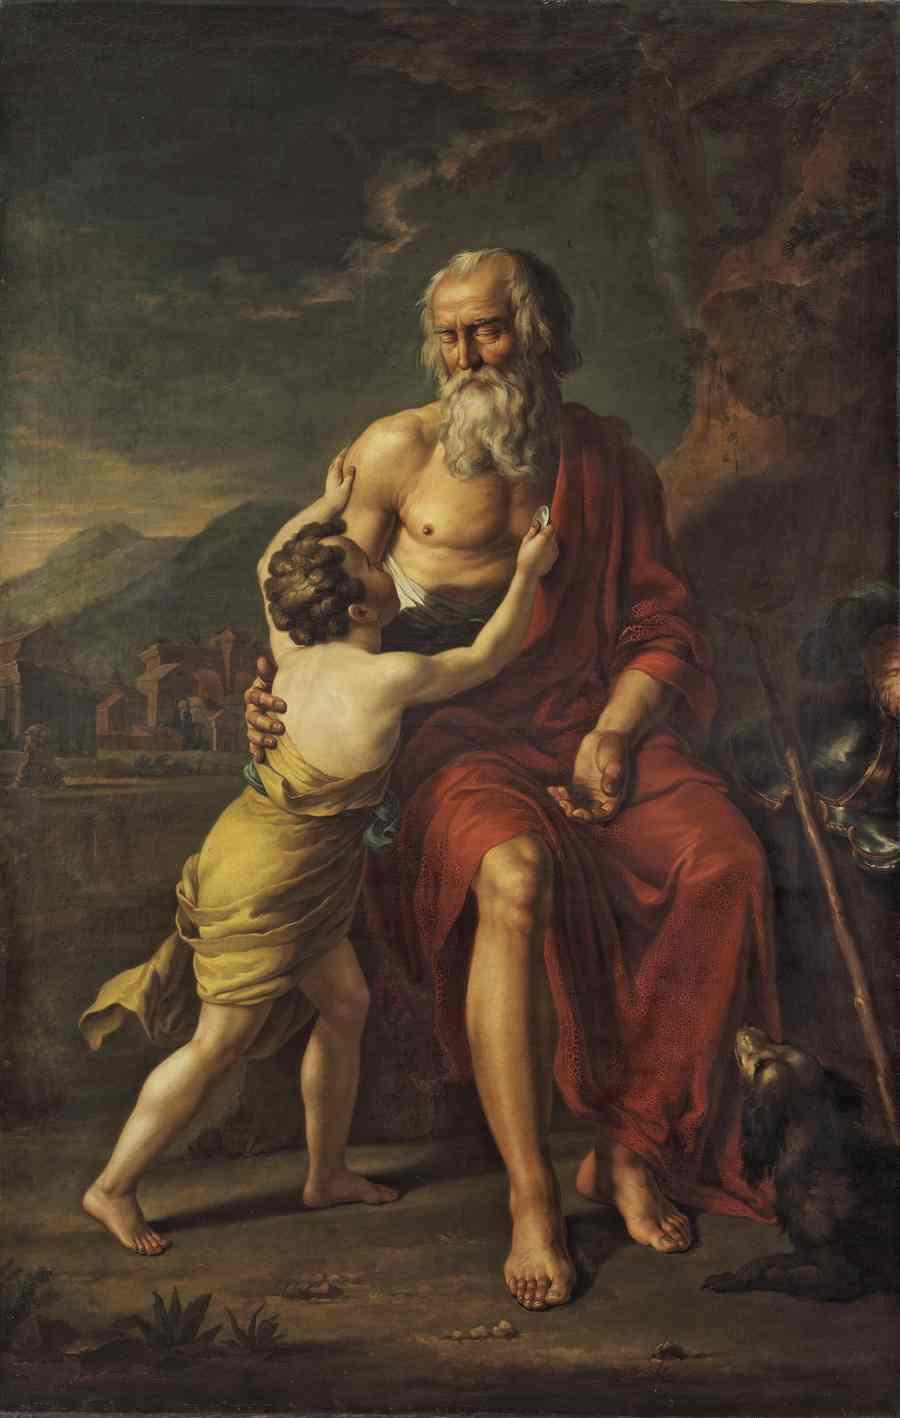 ТУПЫЛЕВ И. Ф. Велизарий, сидящий при дороге в положении просящего милостыню, и с ним мальчик. 1785